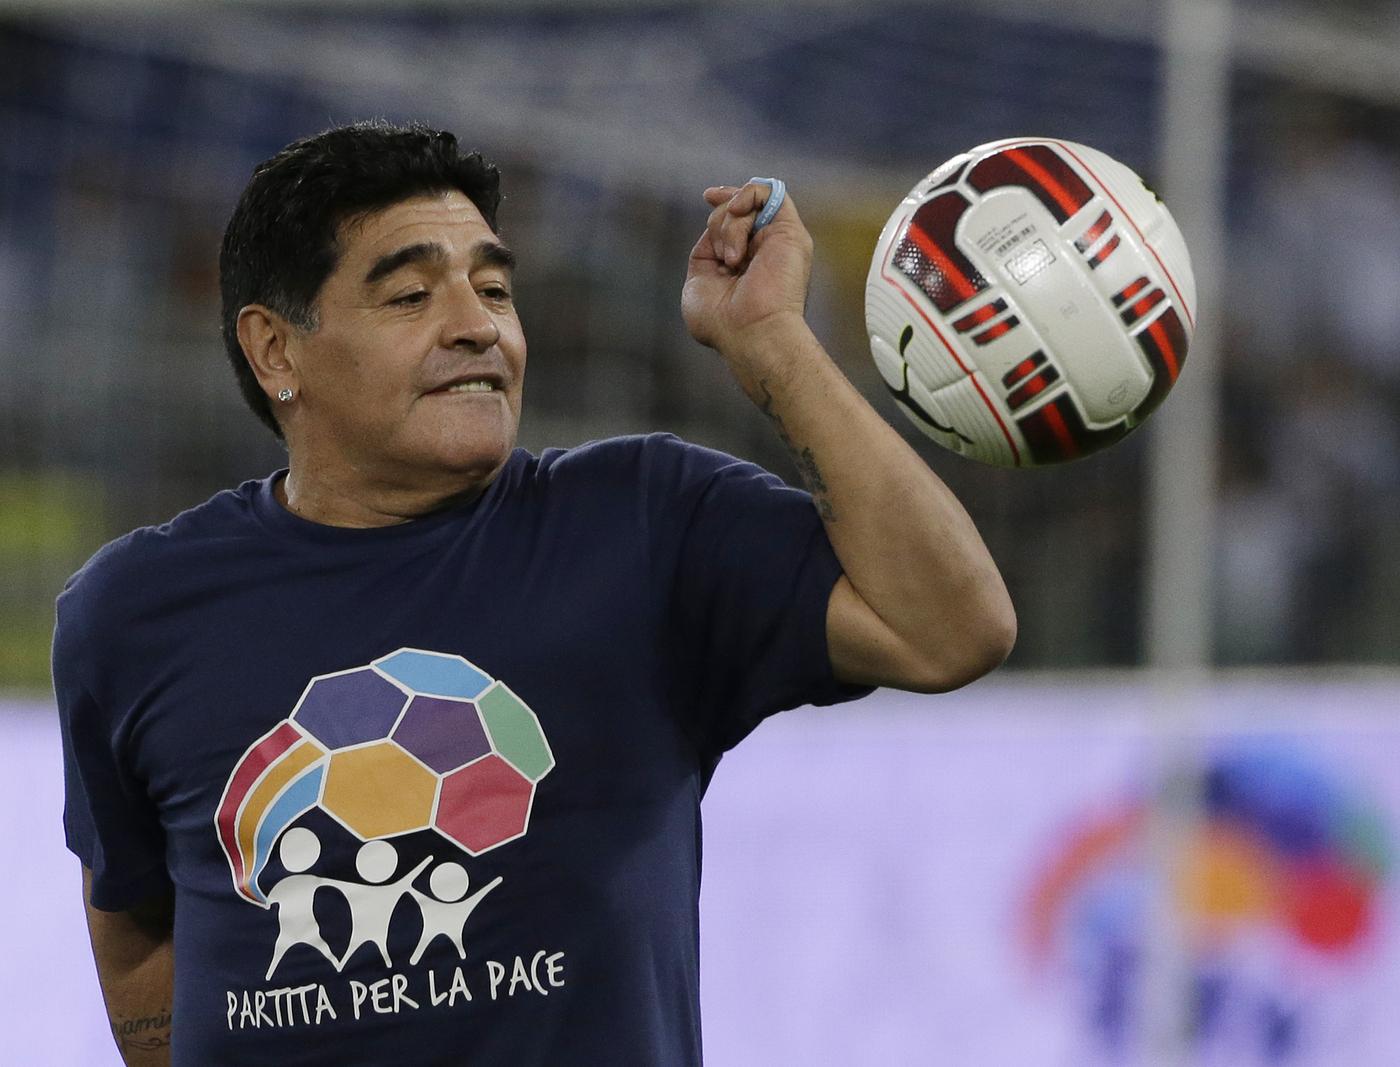 Indagato per omicidio colposo il medico personale di Maradona